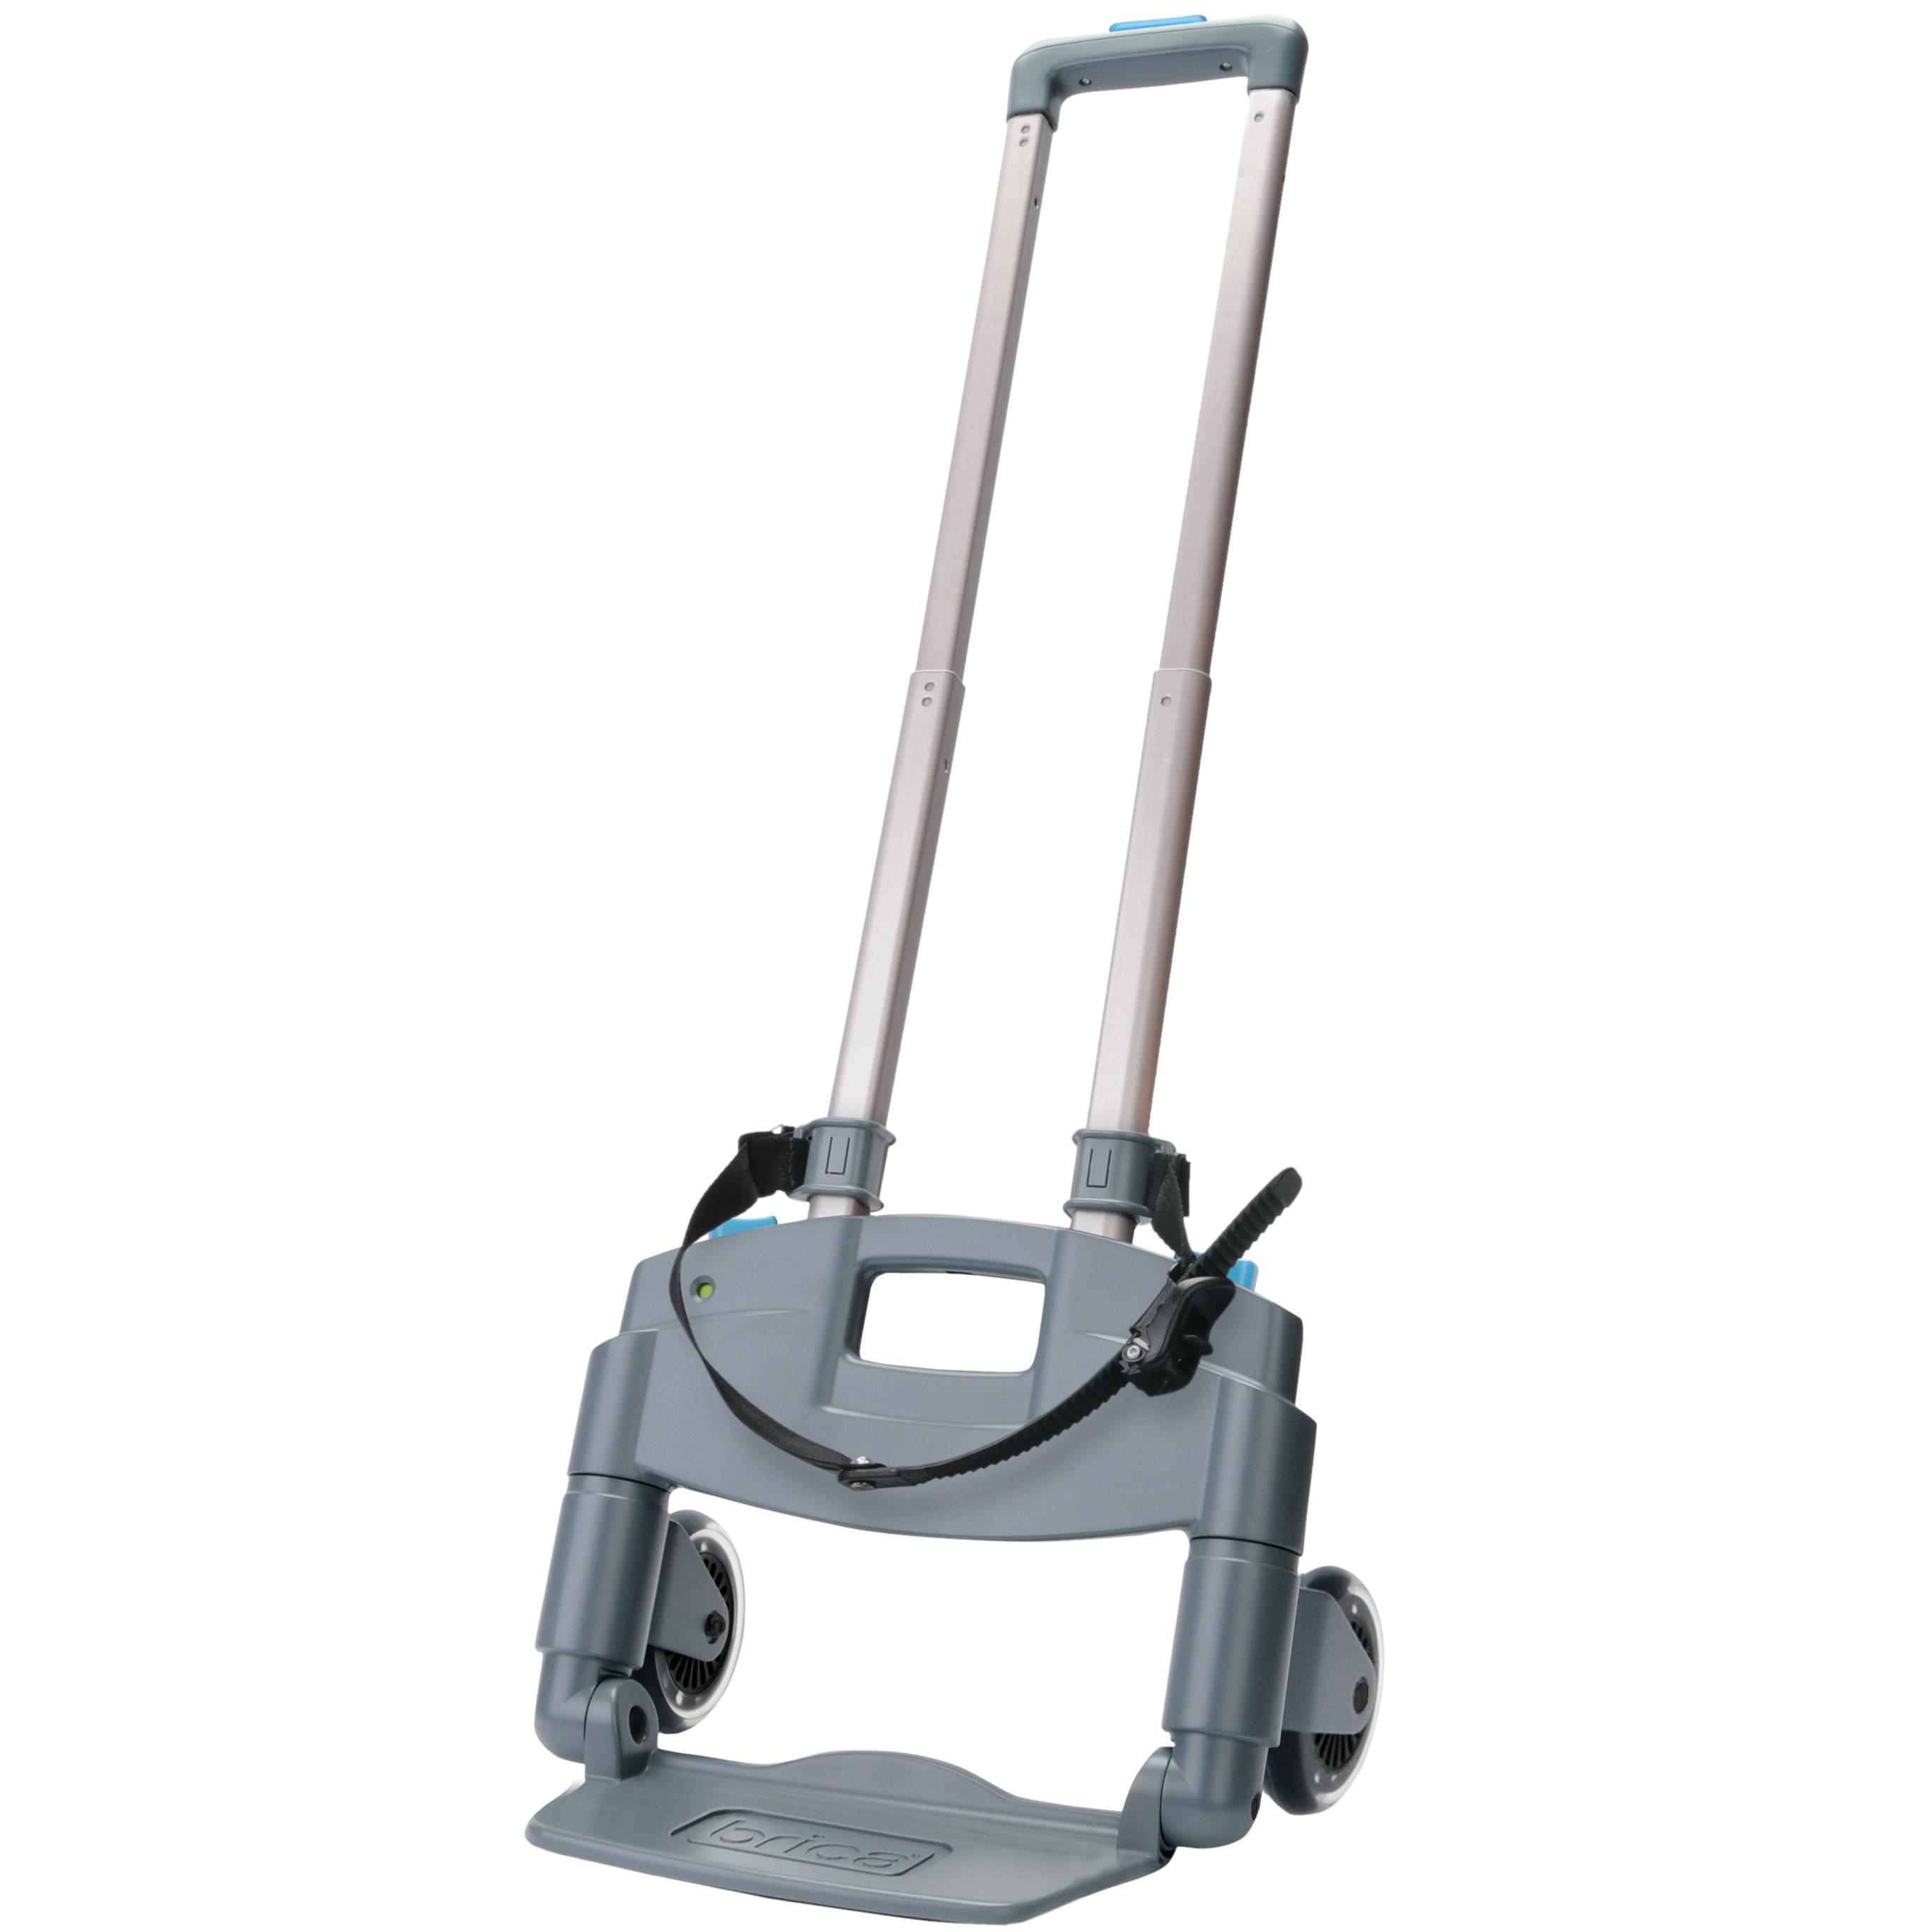 baby portable safe car seat transporter stroller infant roll n go carrier travel ebay. Black Bedroom Furniture Sets. Home Design Ideas